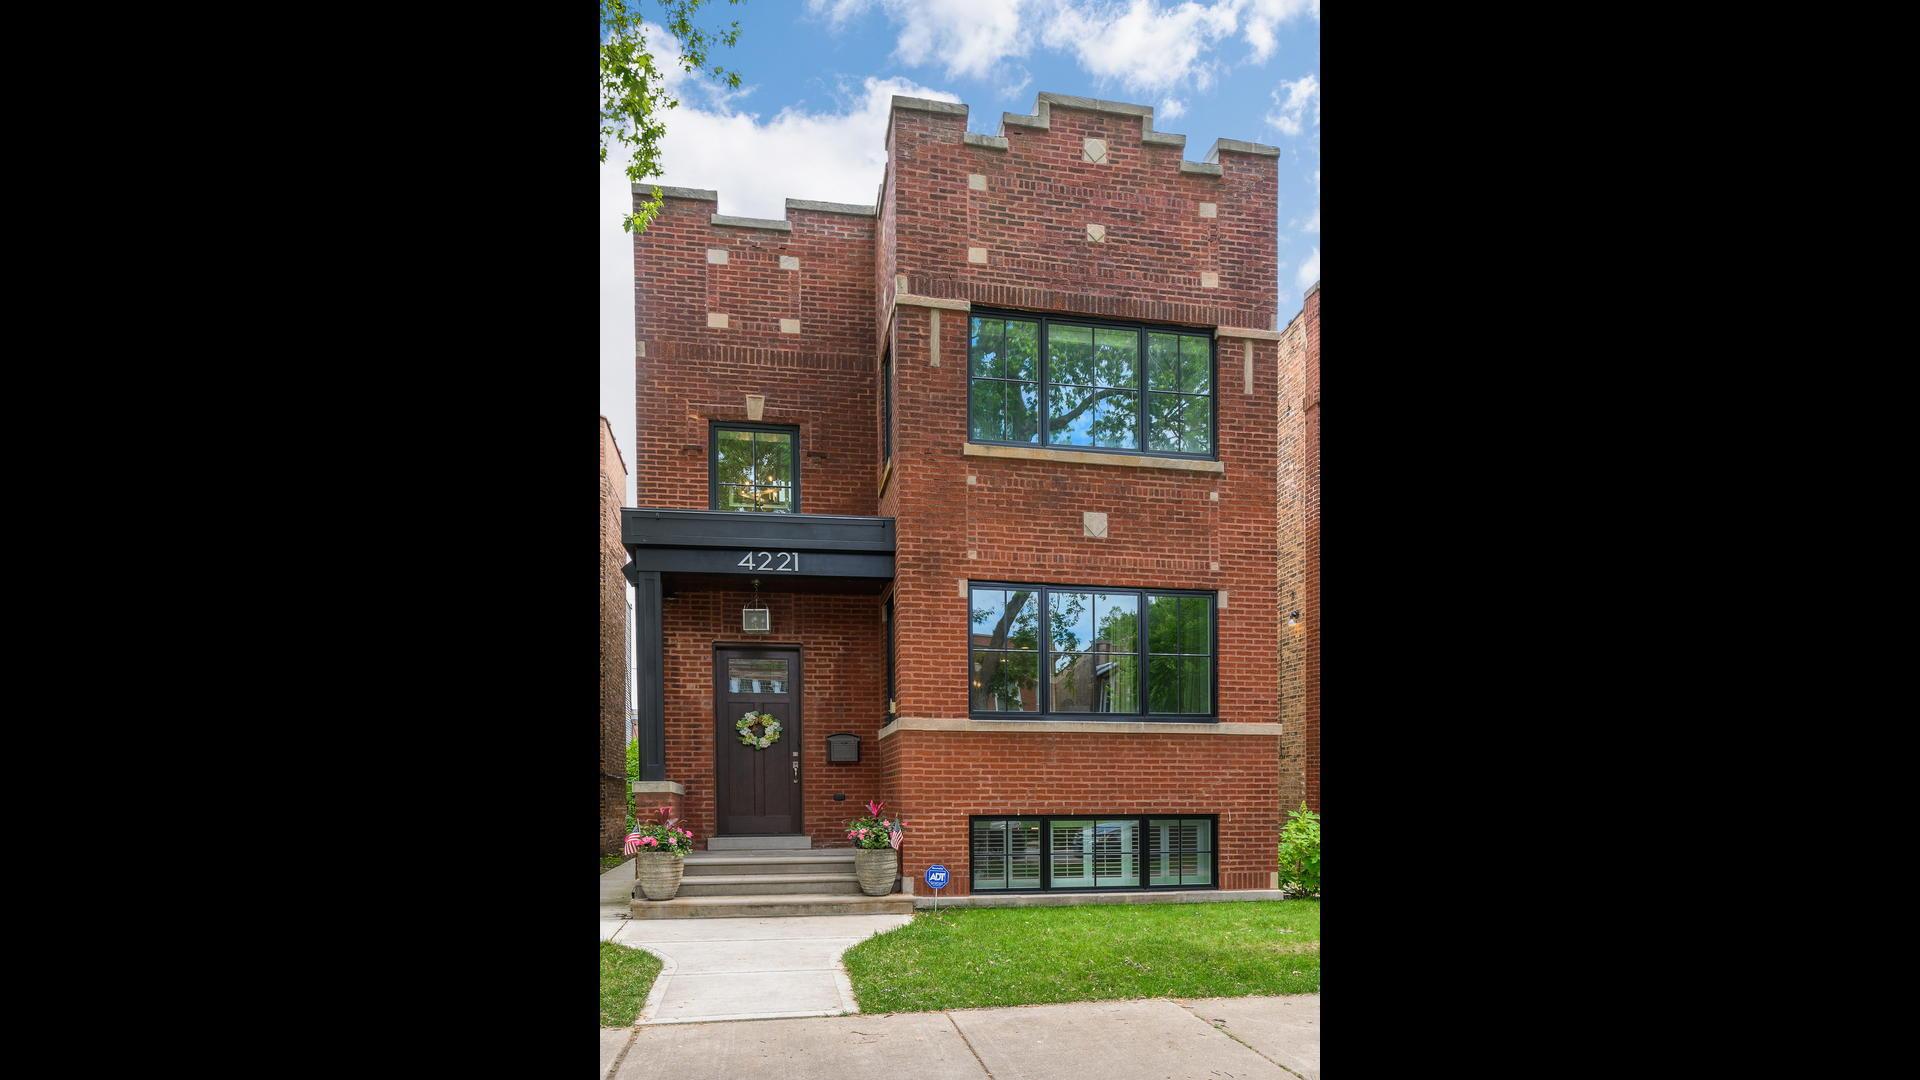 4221 N Leavitt Exterior Photo